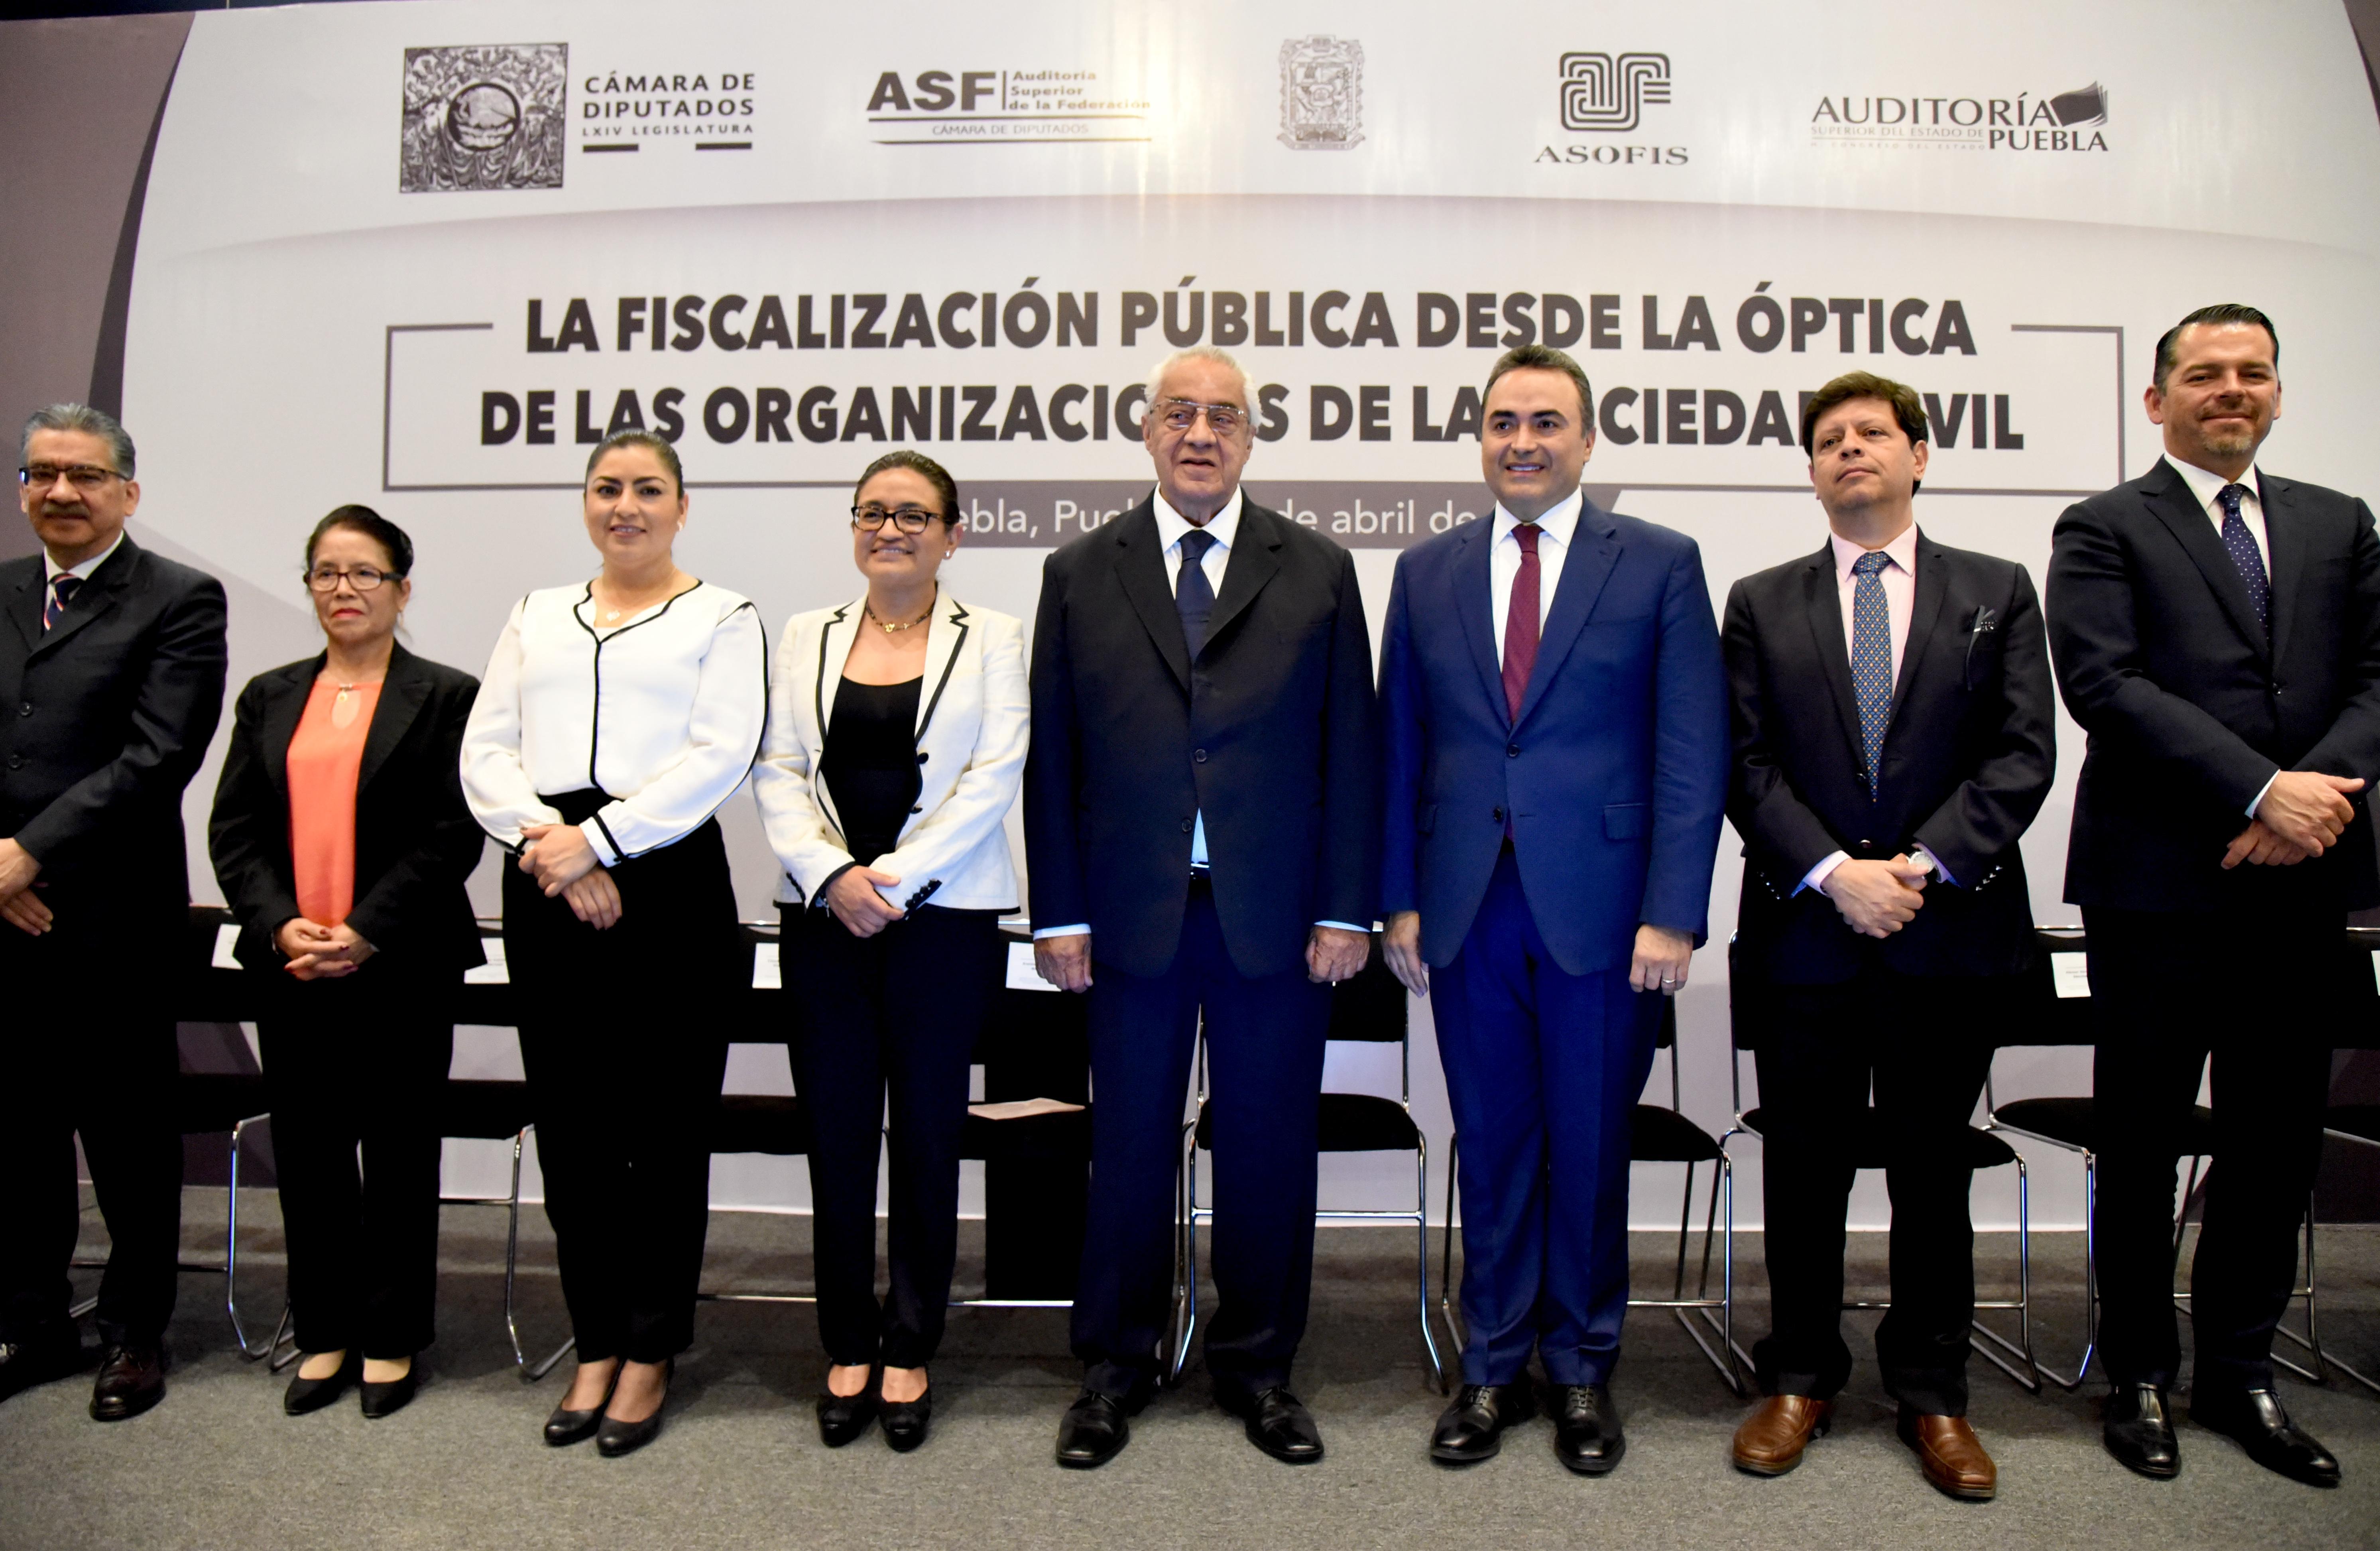 Participación ciudadana fortalece a instituciones: Pacheco Pulido